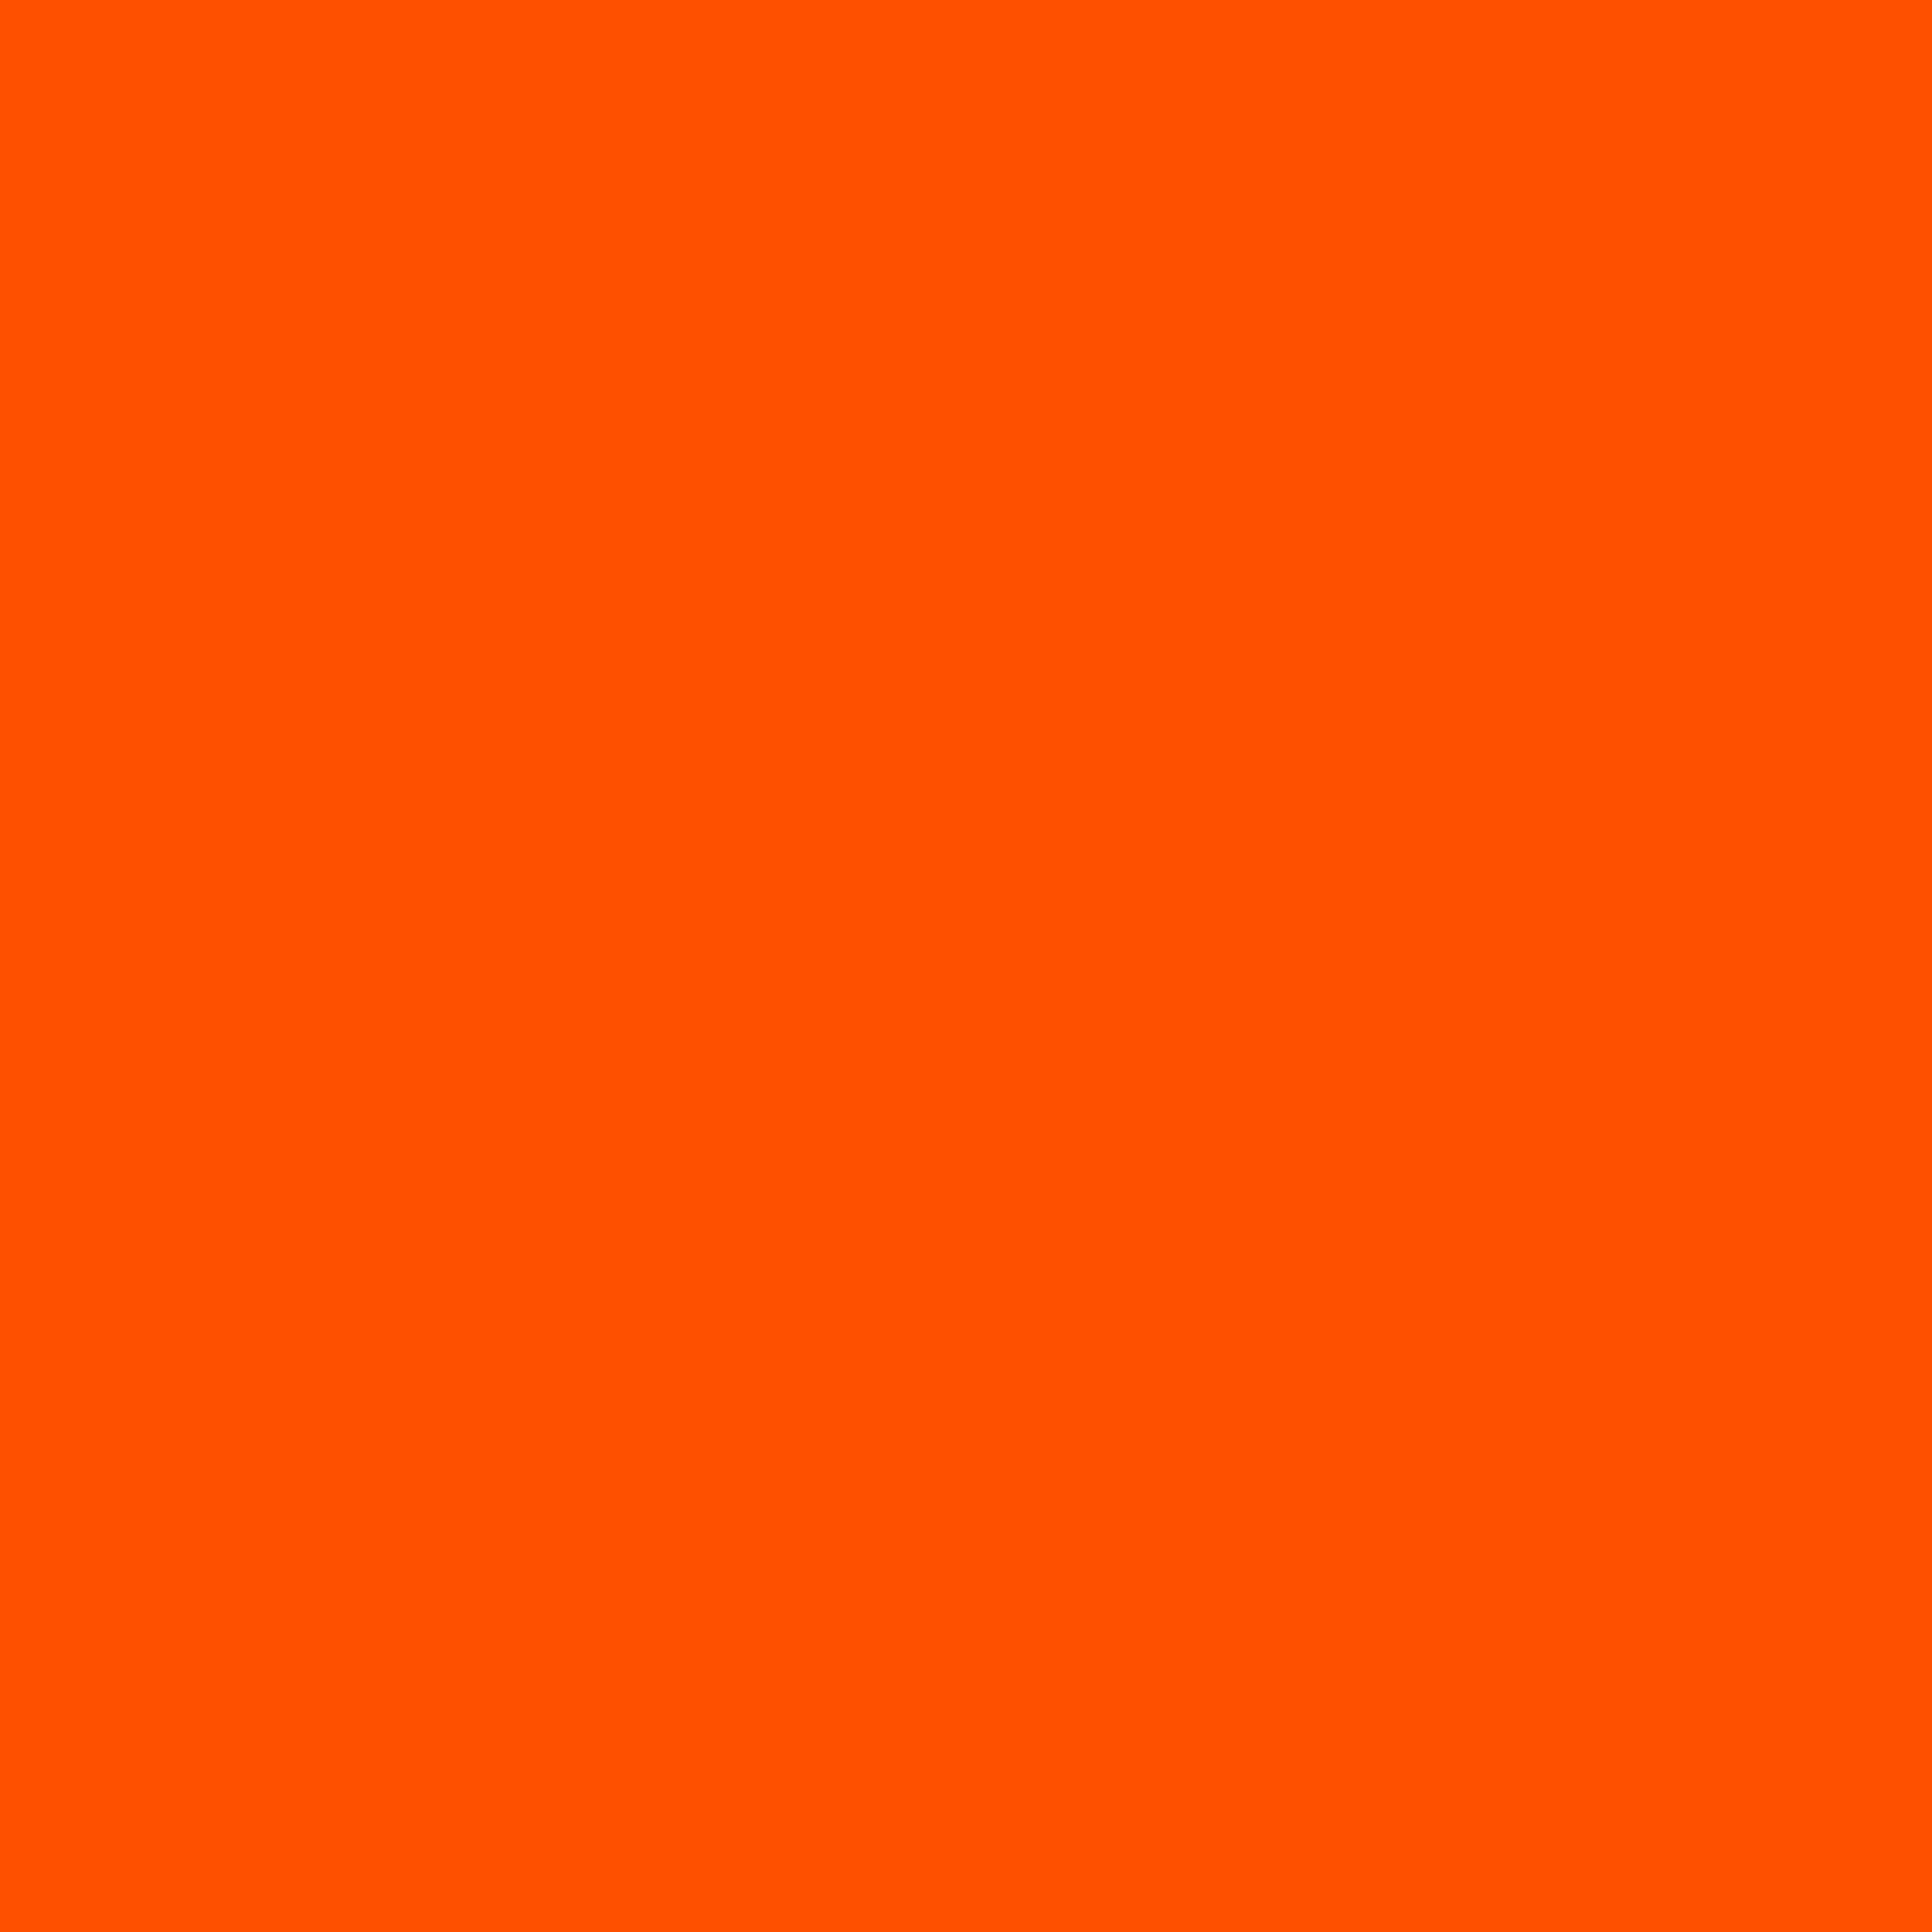 Transfer Orange